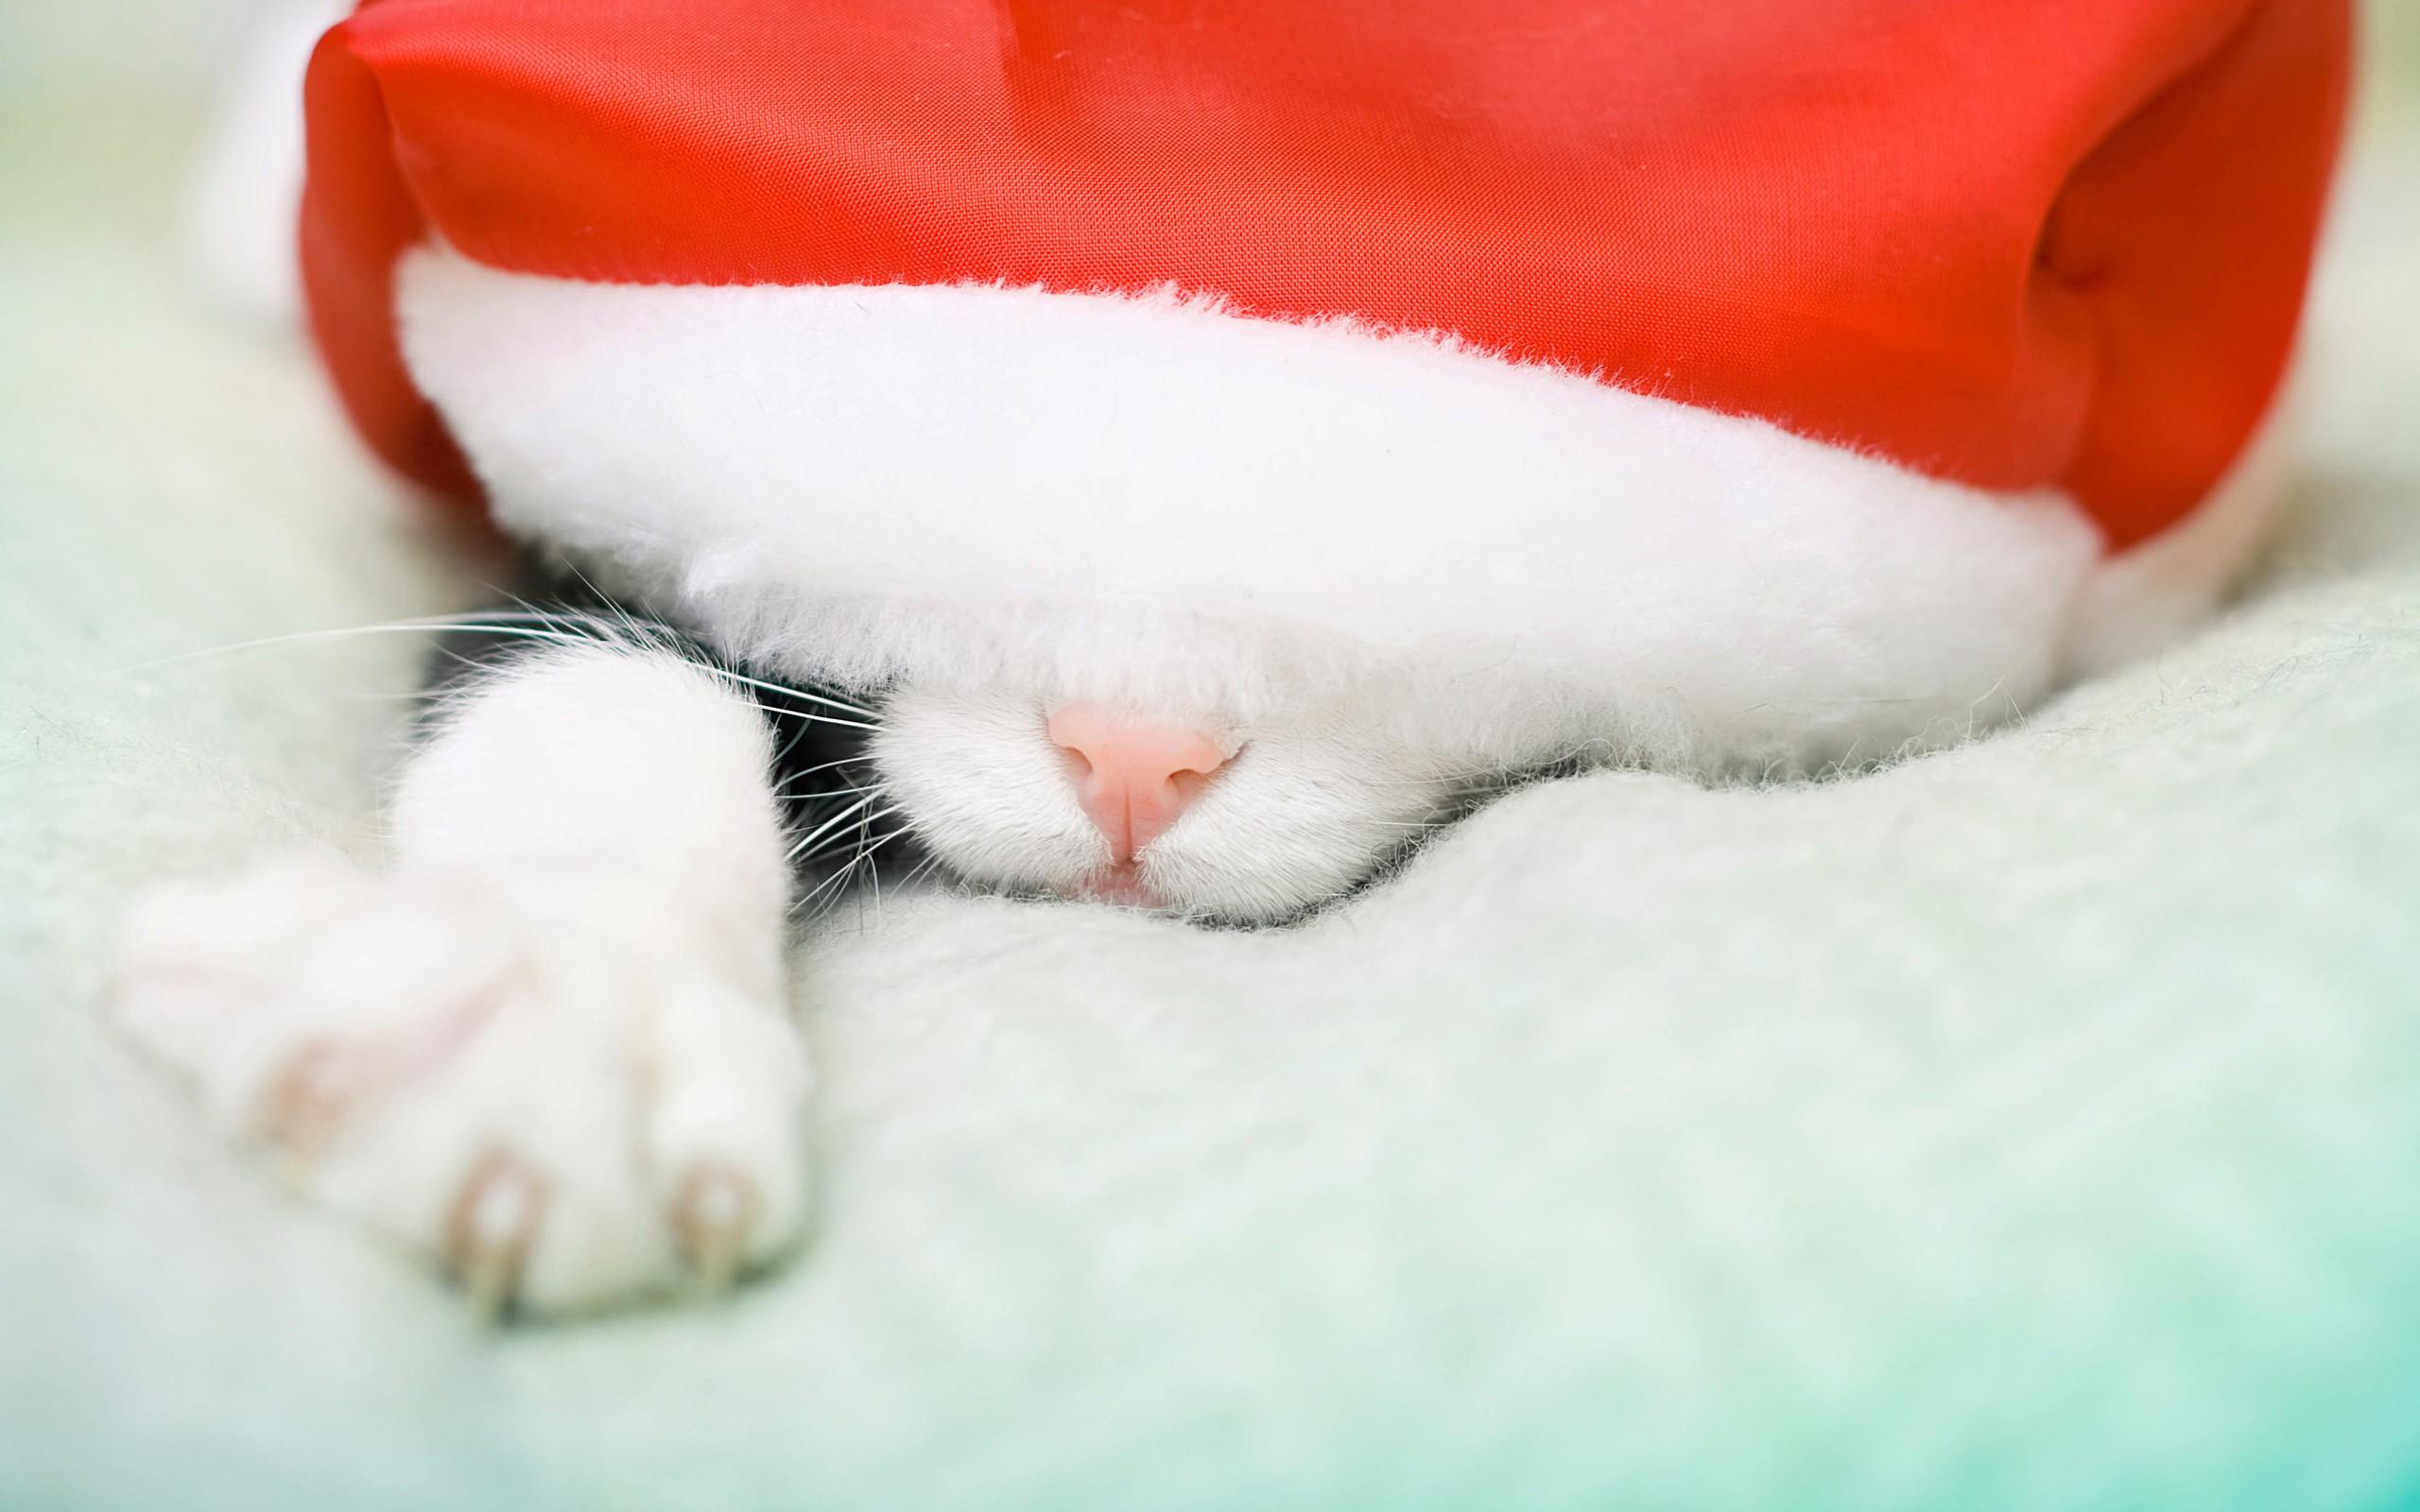 Gato durmiendo con gorra de navidad - 2560x1600